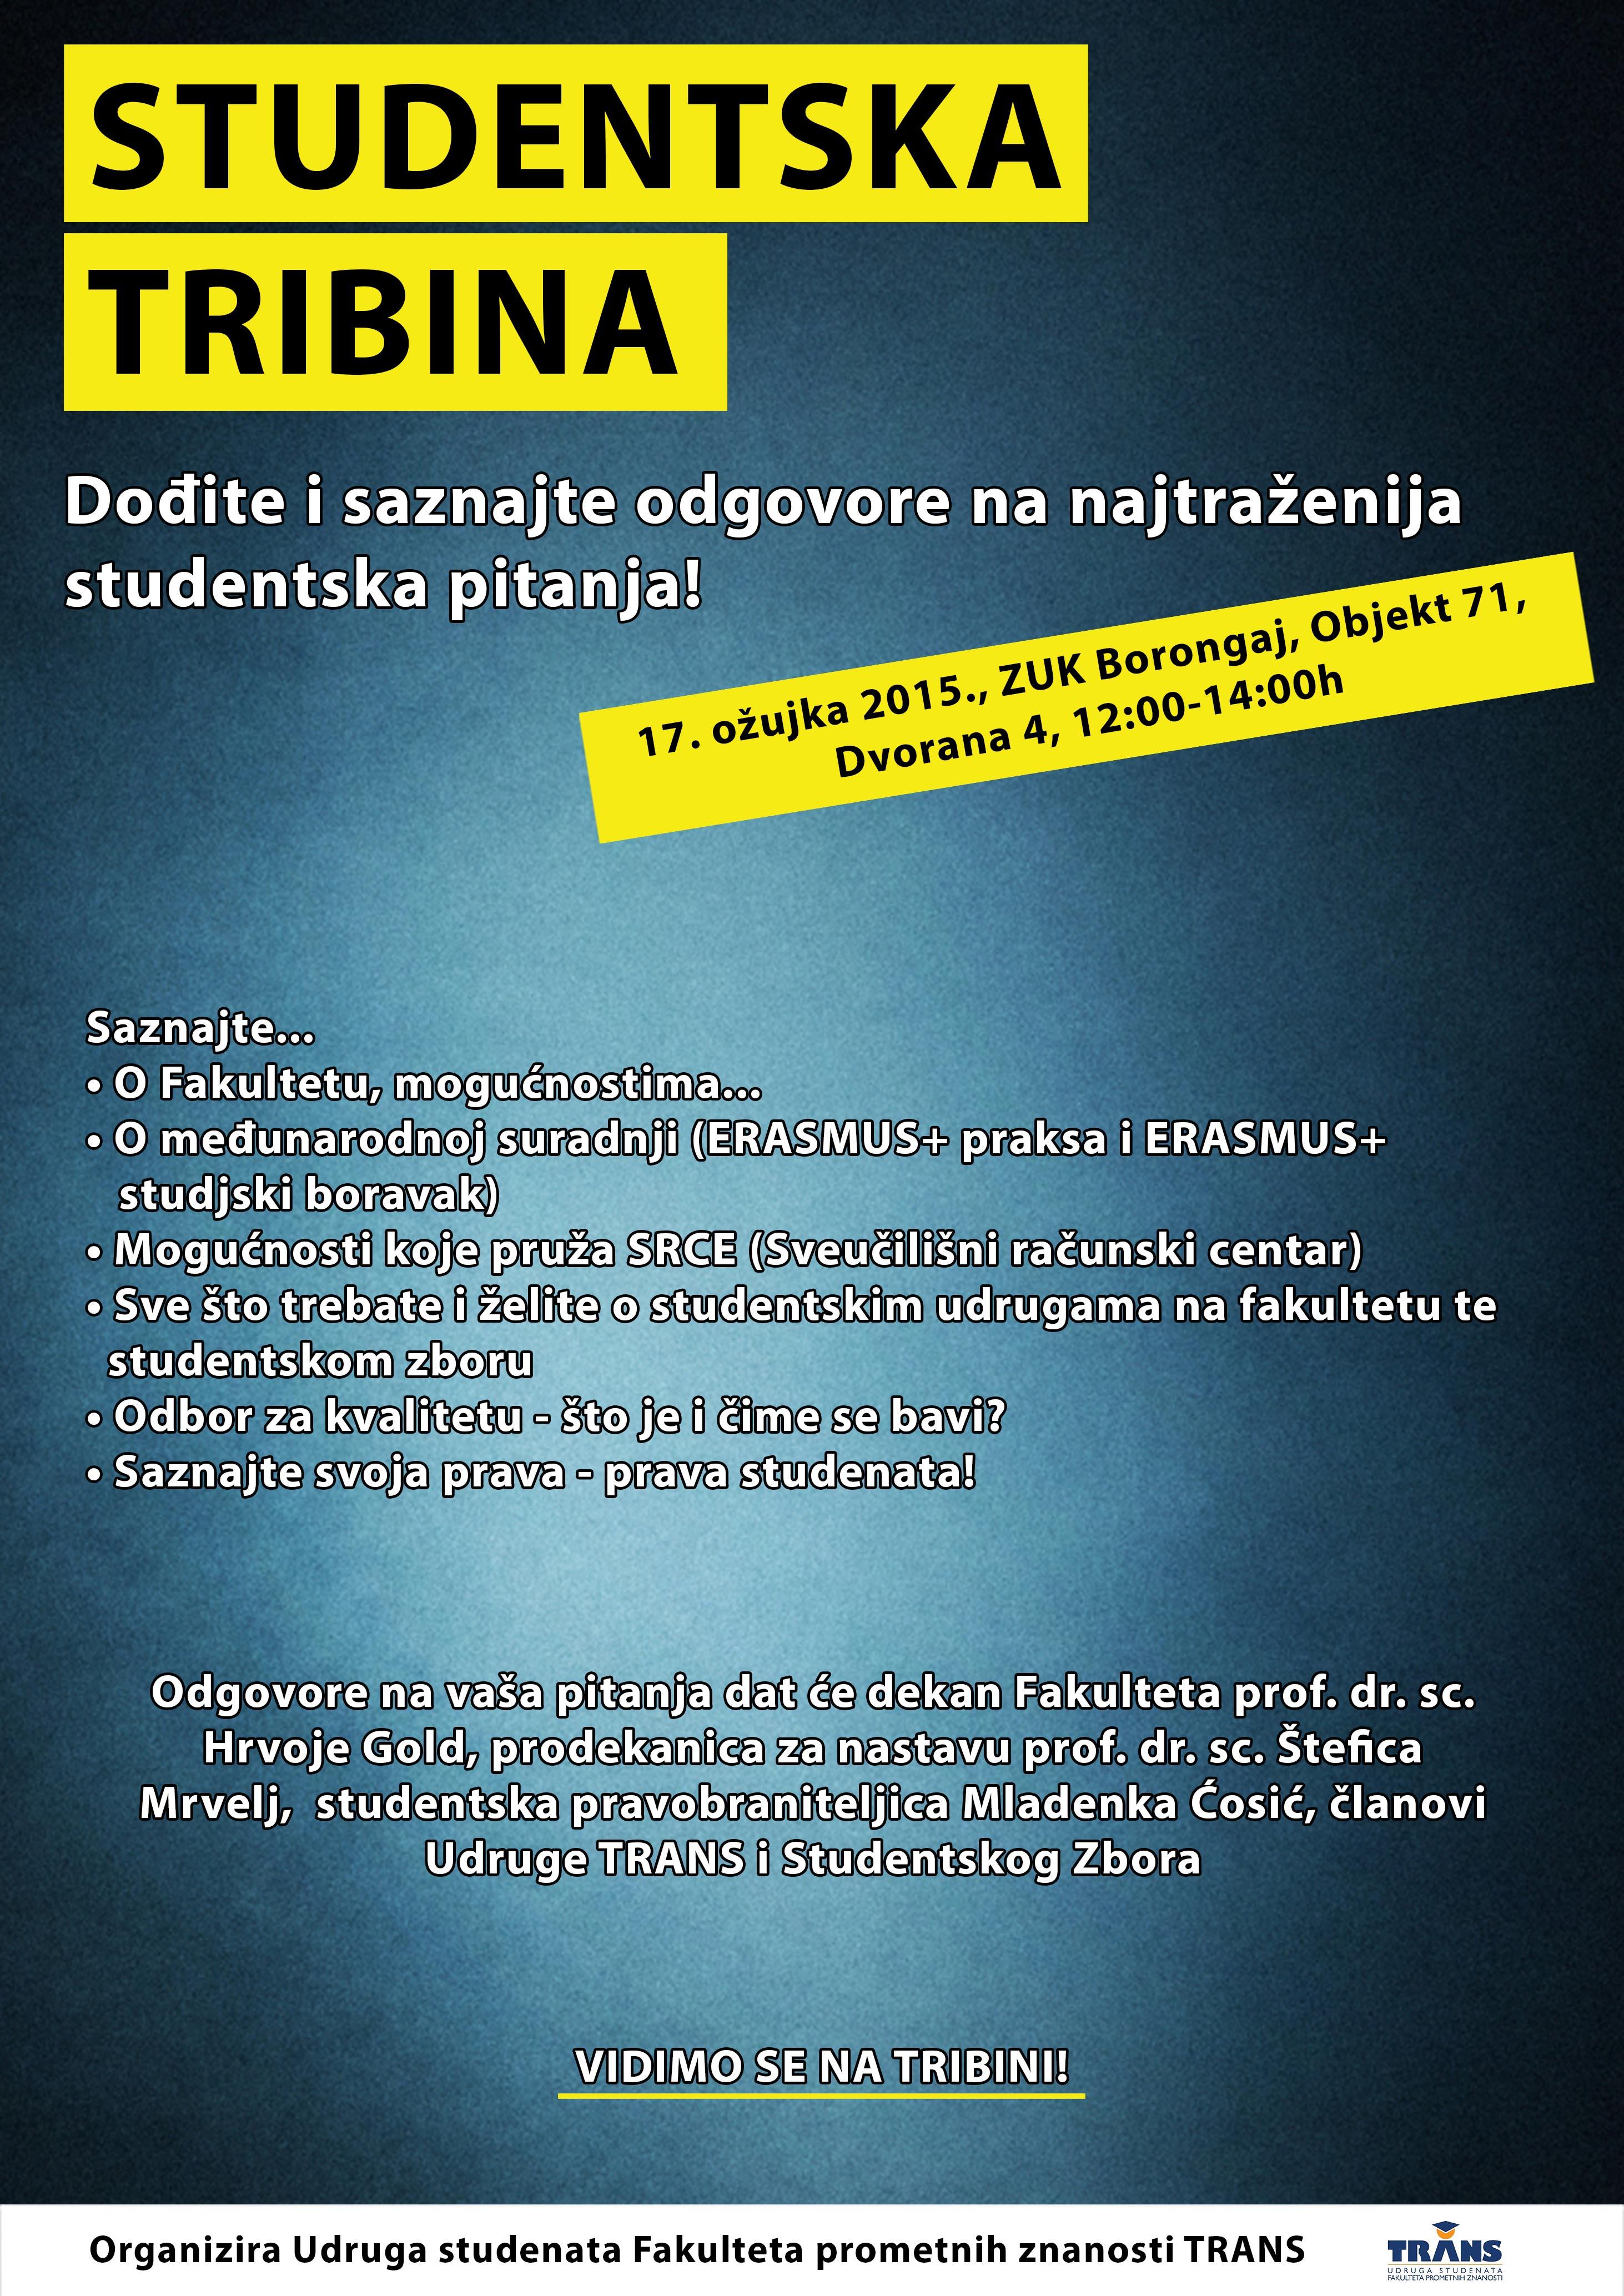 Studentska tribina 2015_V07_20150307